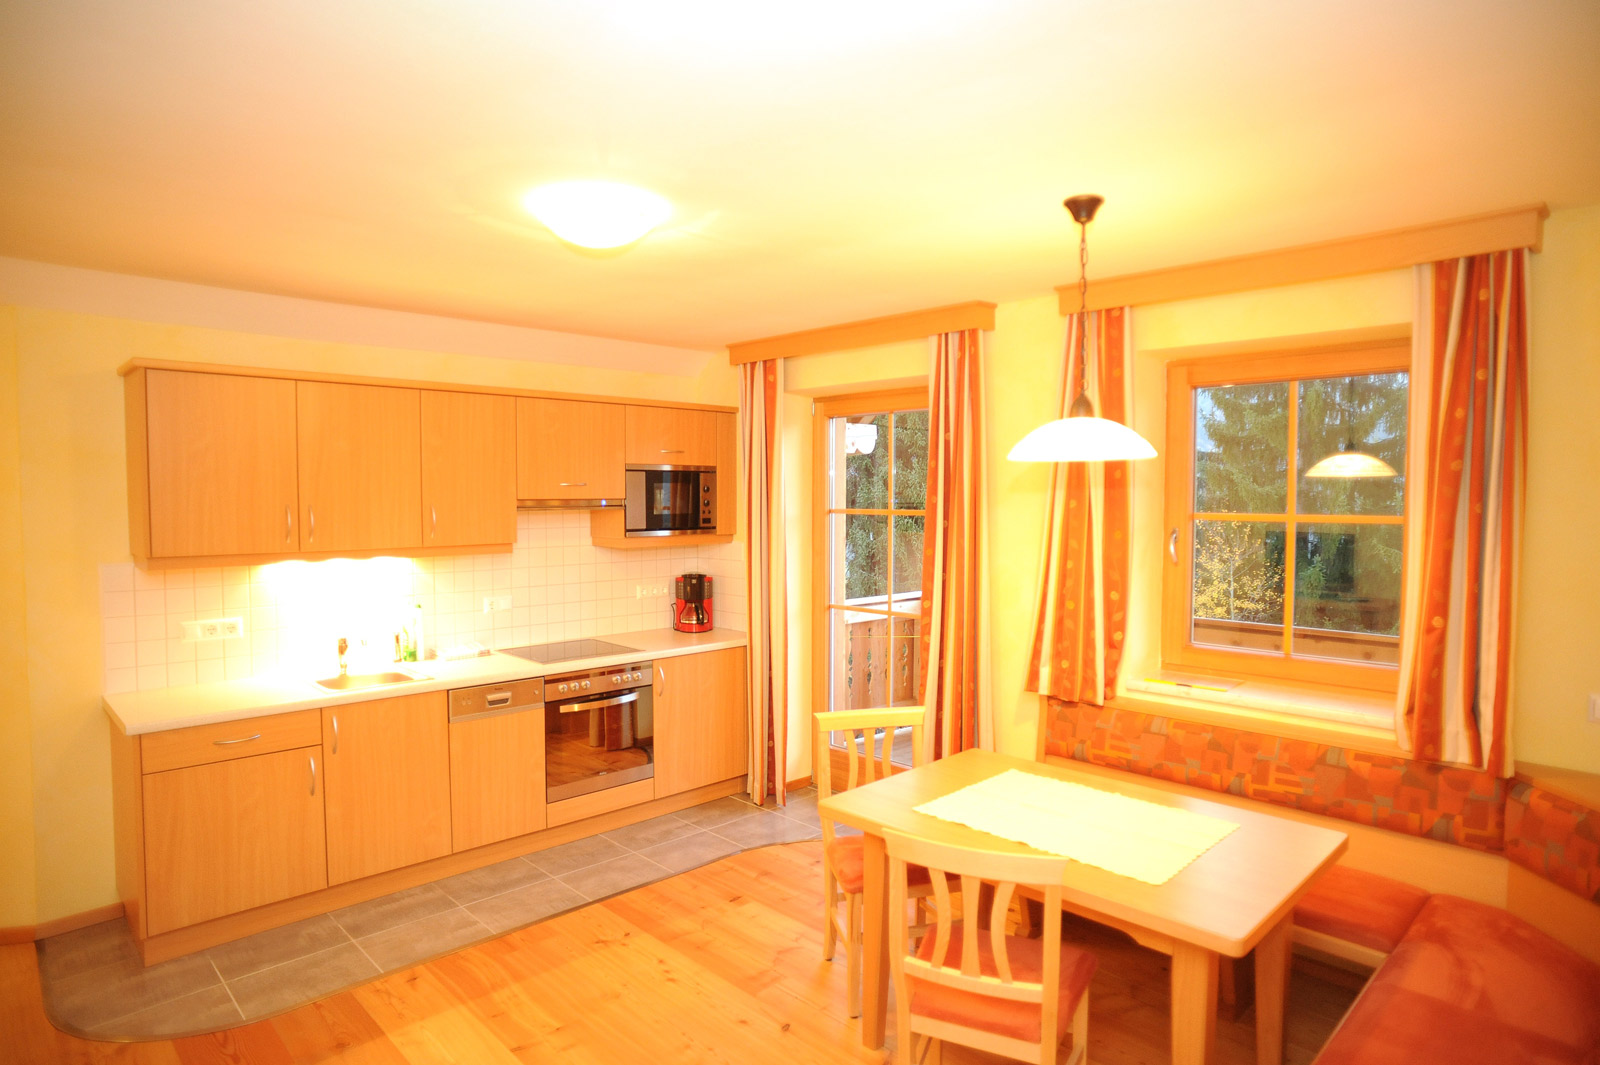 ferienwohnung f r 5 personen. Black Bedroom Furniture Sets. Home Design Ideas